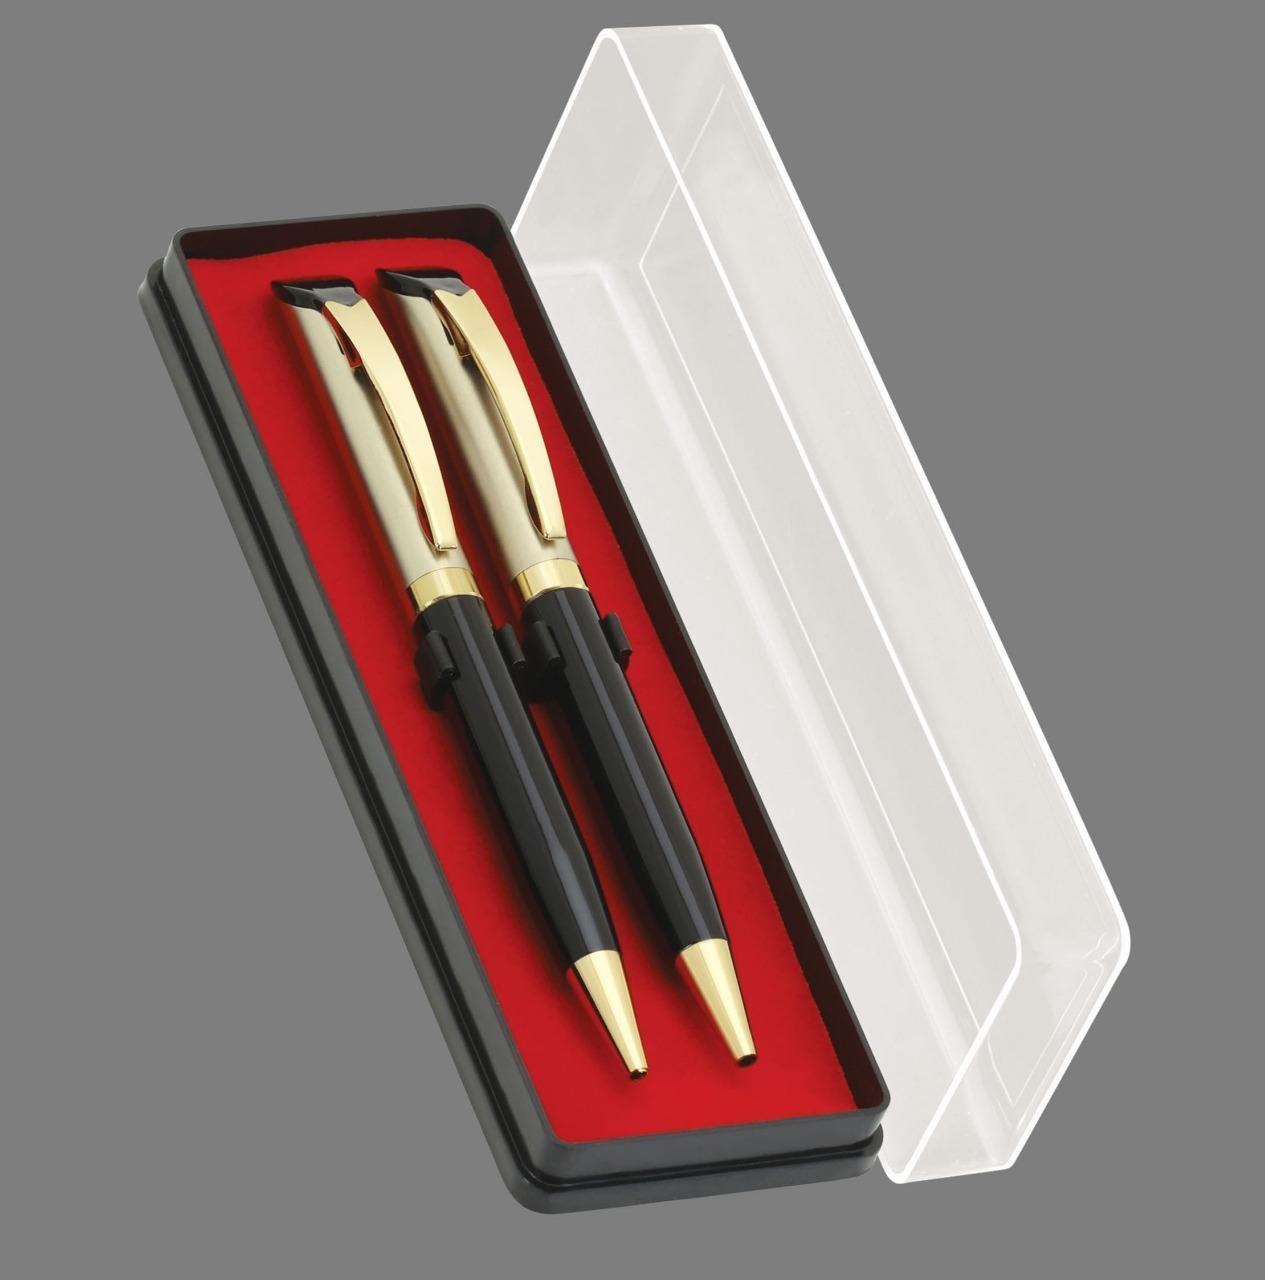 Pen sets